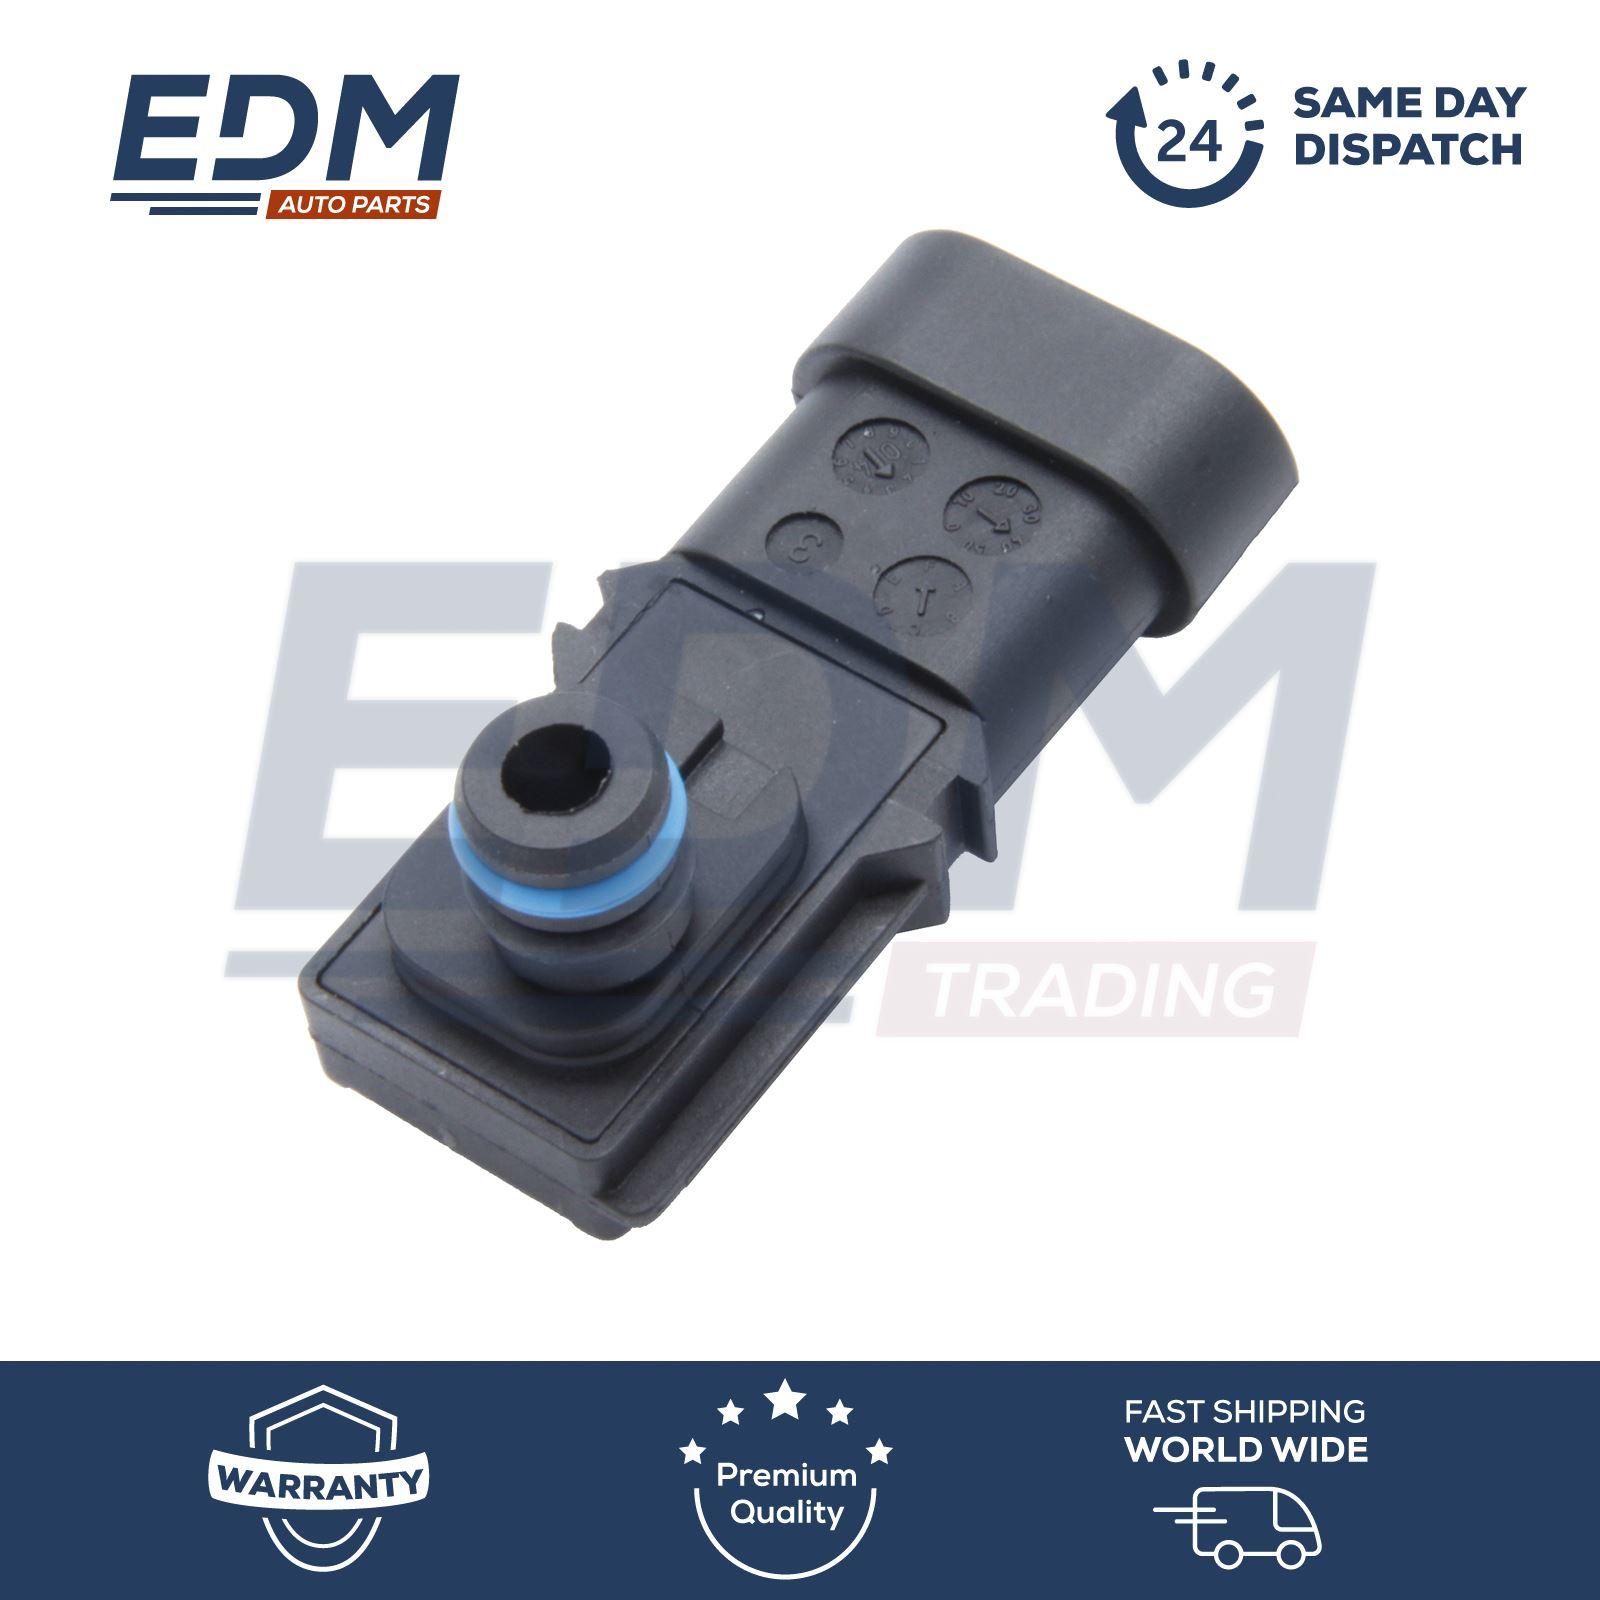 Ensanchamiento eje delantero 2x10mm para mercedes 204 211 212 CLS tornillos